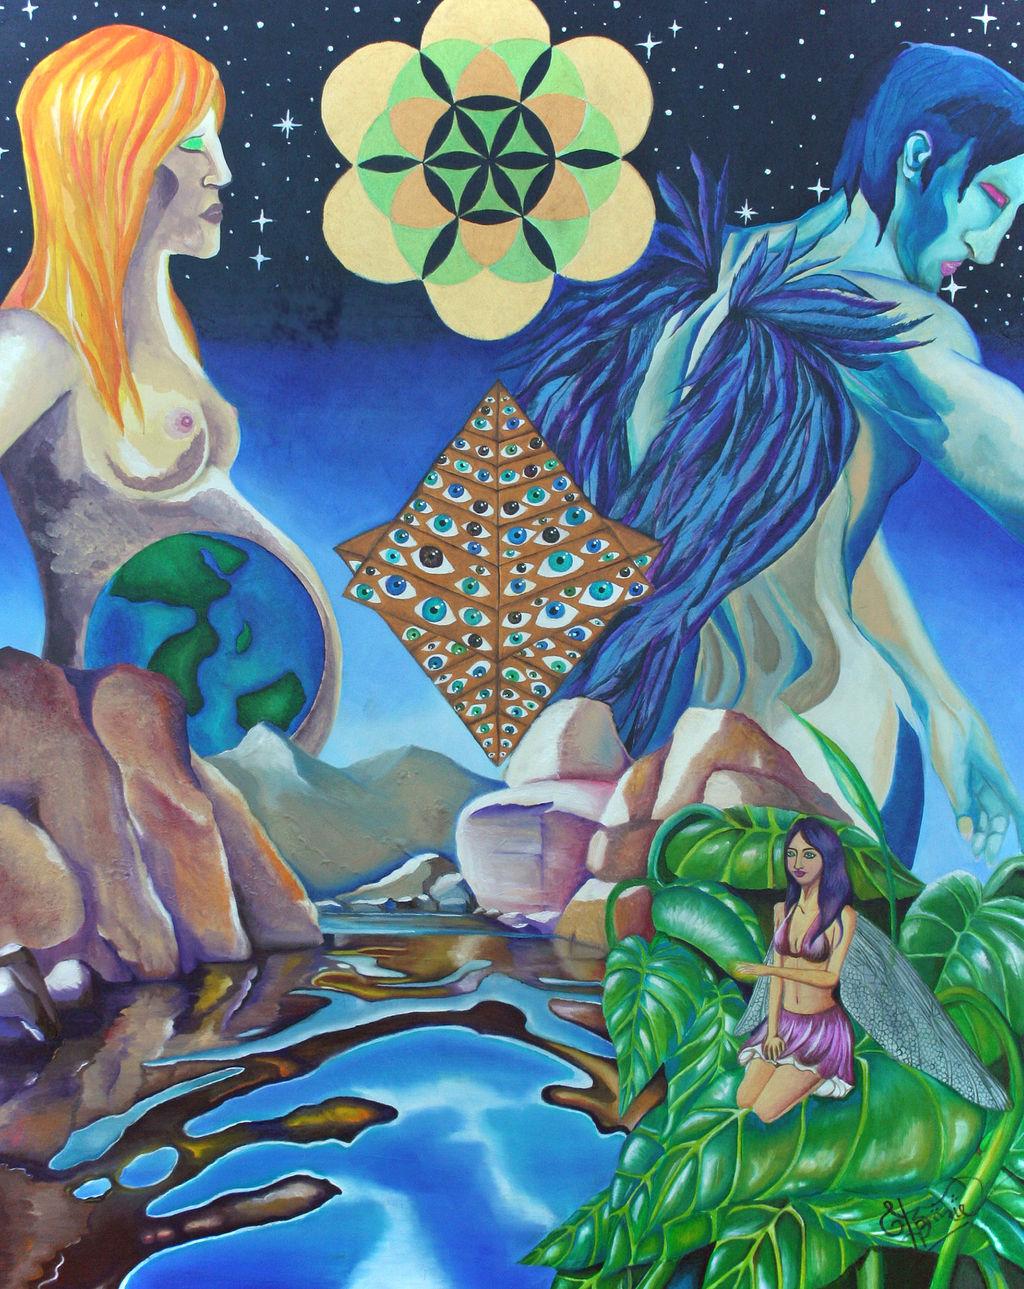 Gaia's Rebirth